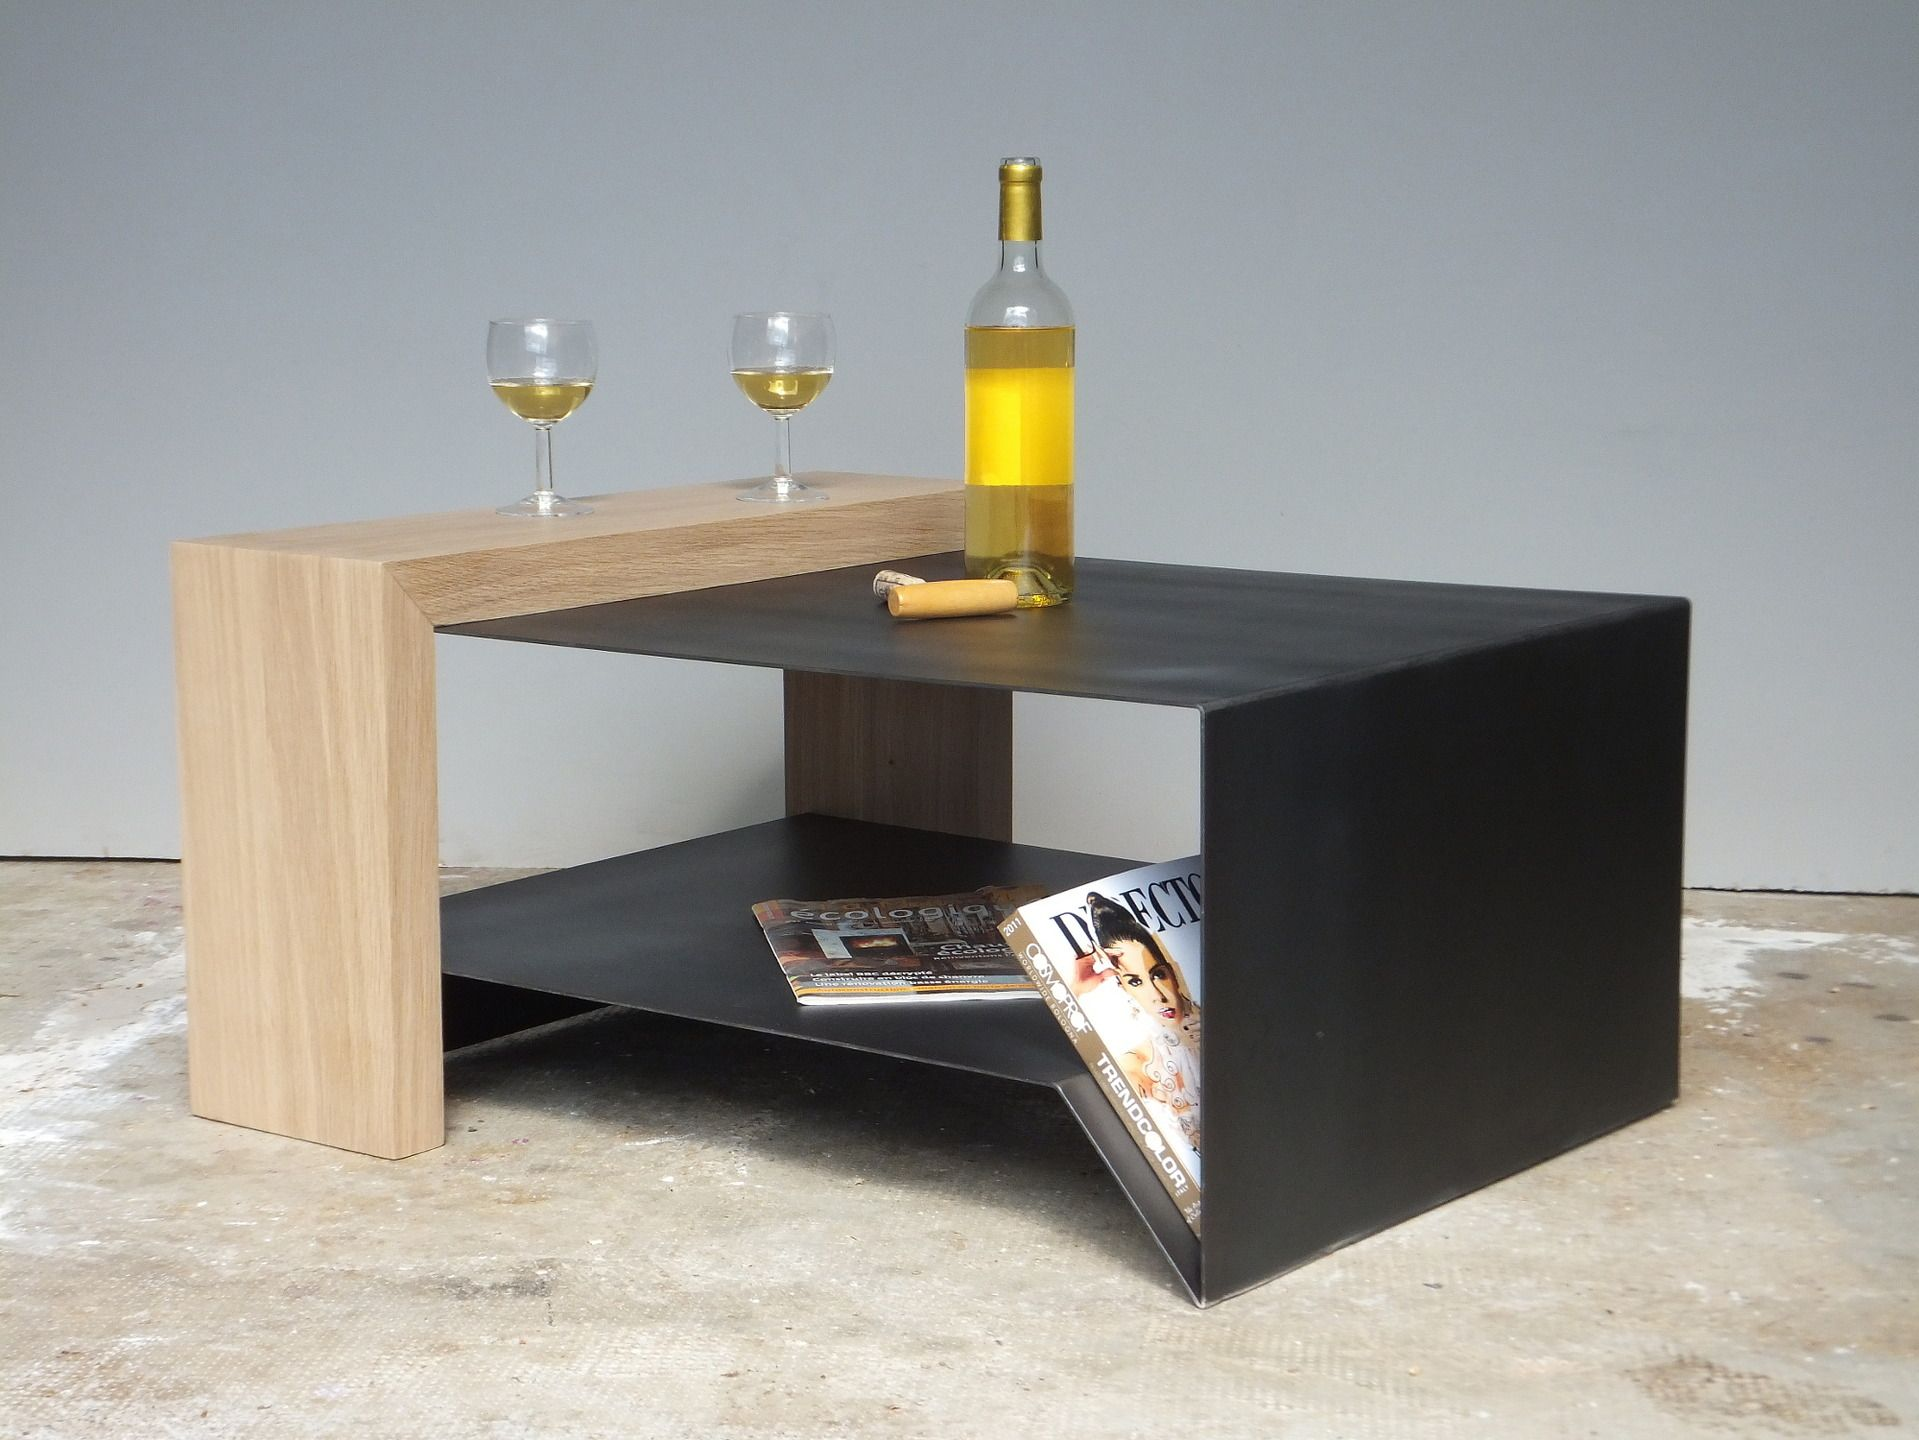 Petite Table Basse Contemporaine Acier Et Bois Mobi050